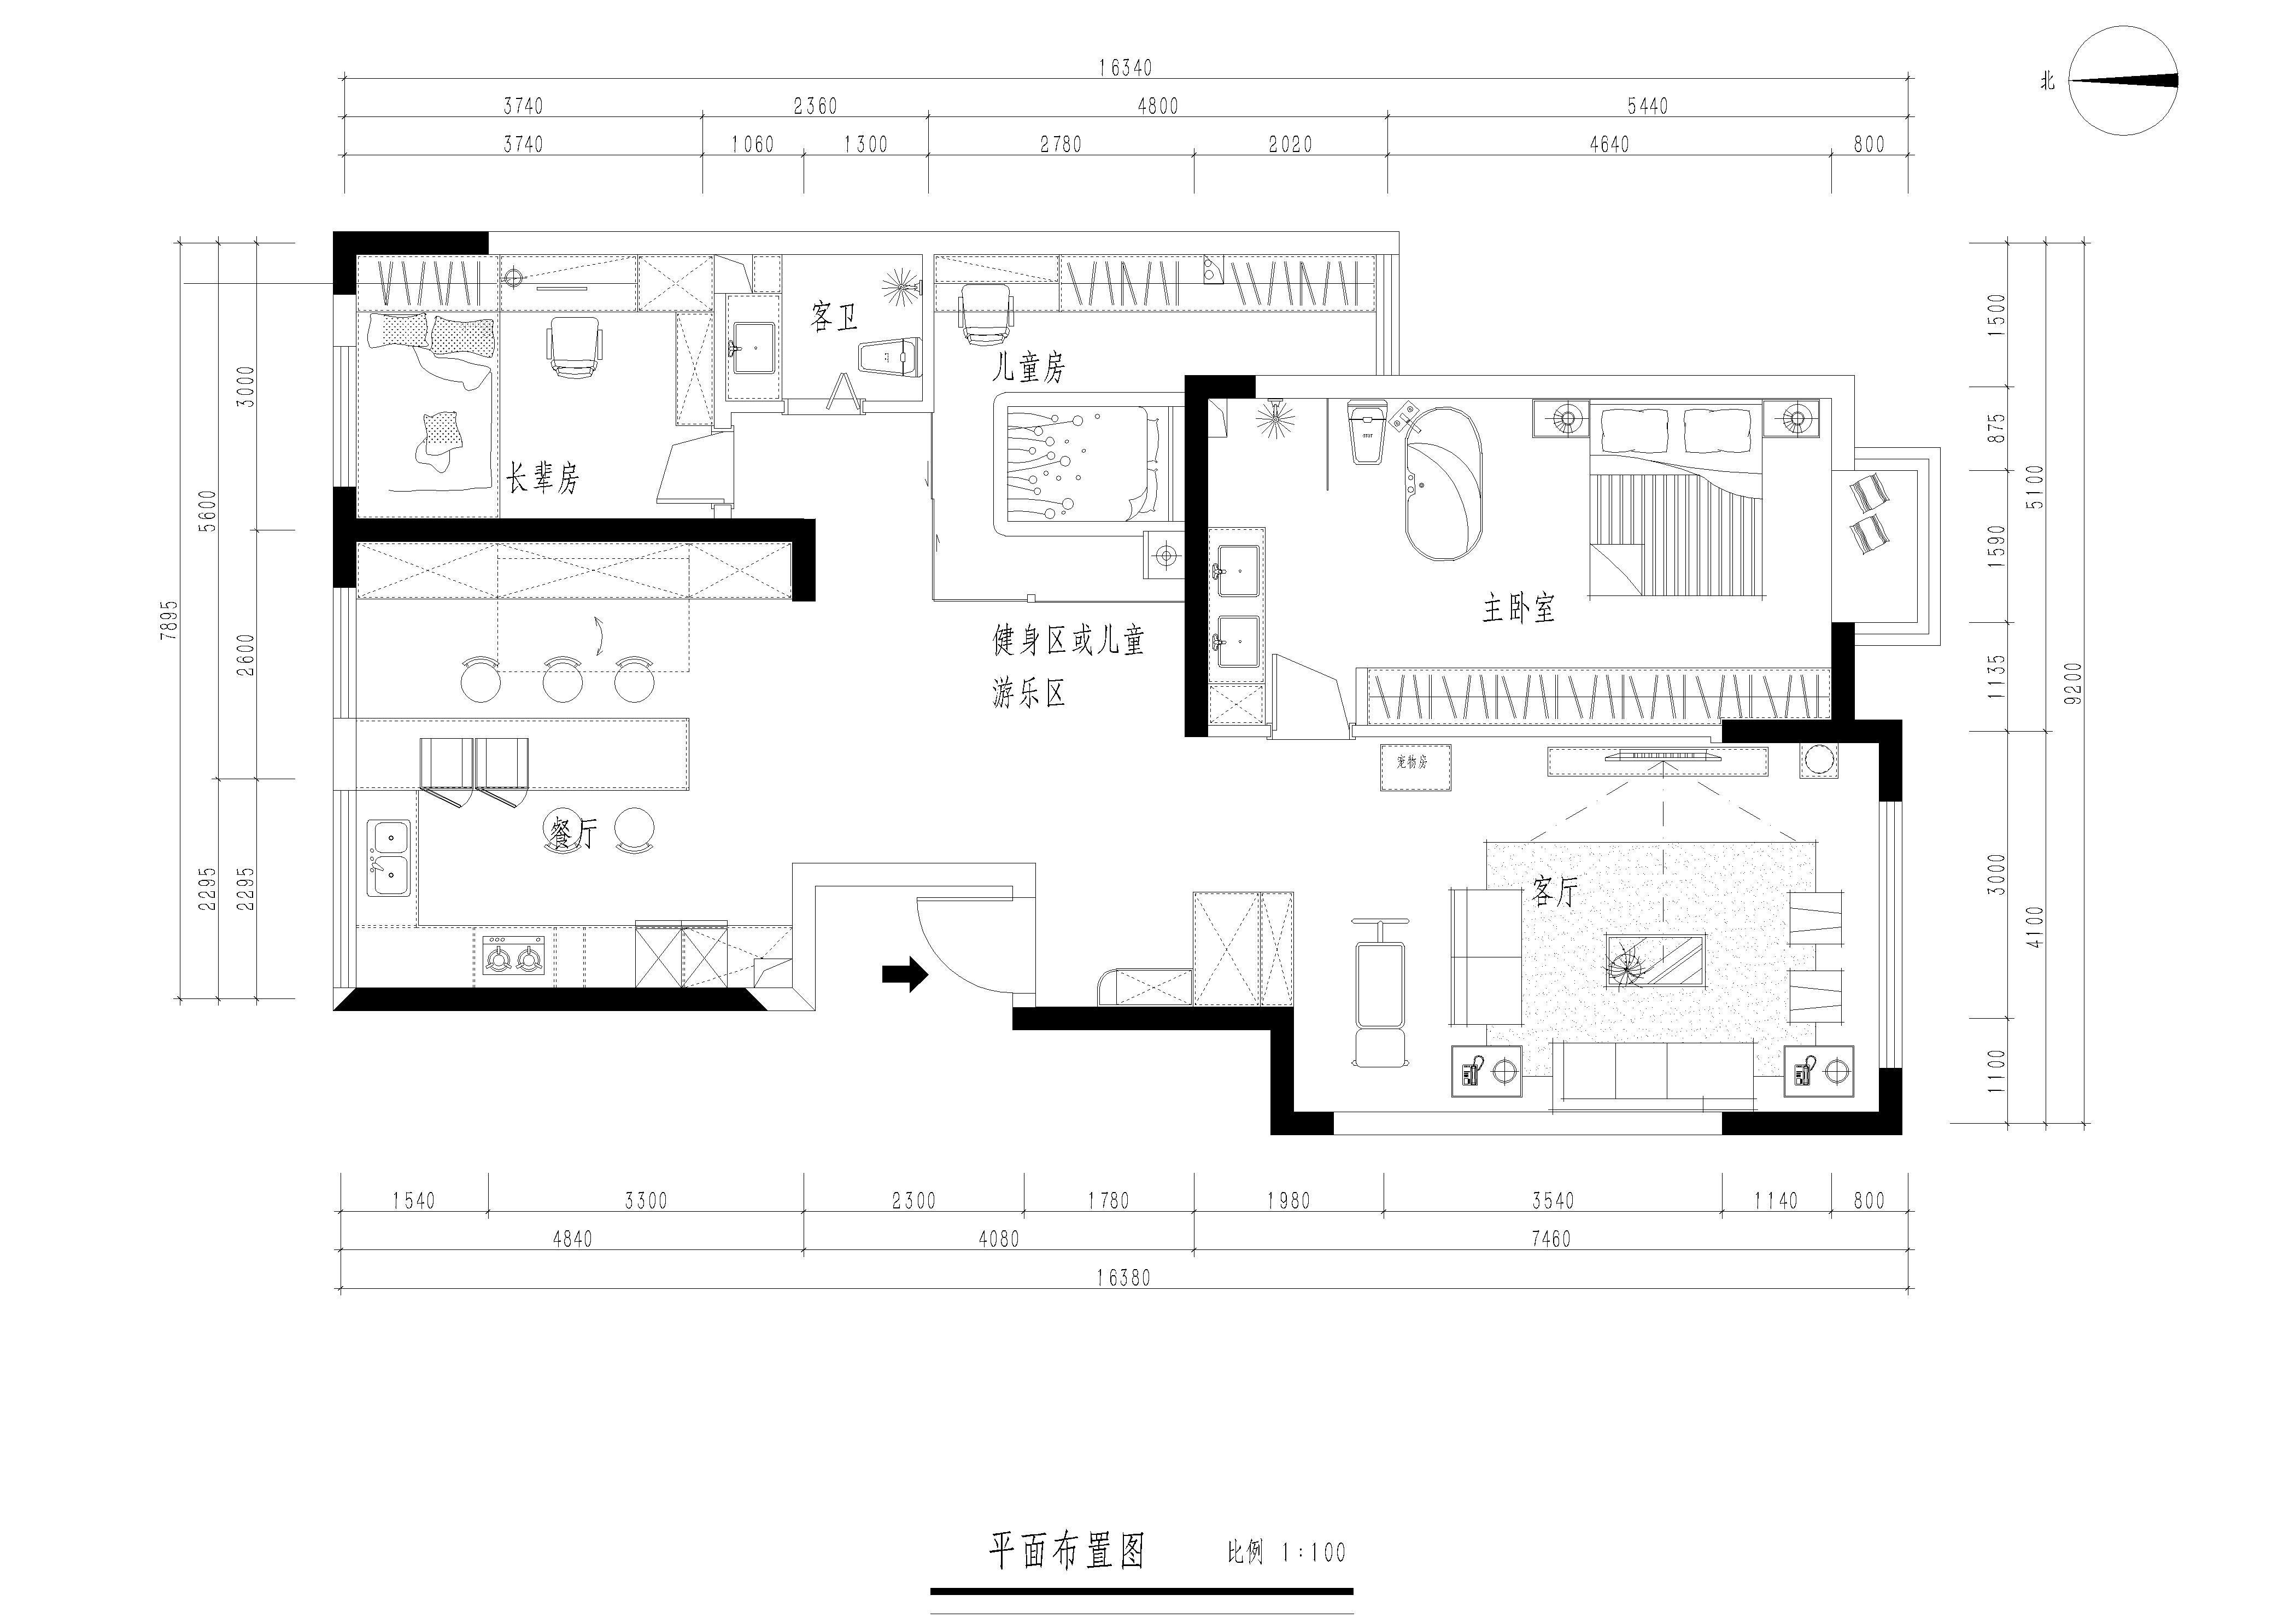 昆明银海泊岸 132平米四居室现代简约装修风格效果图装修设计理念